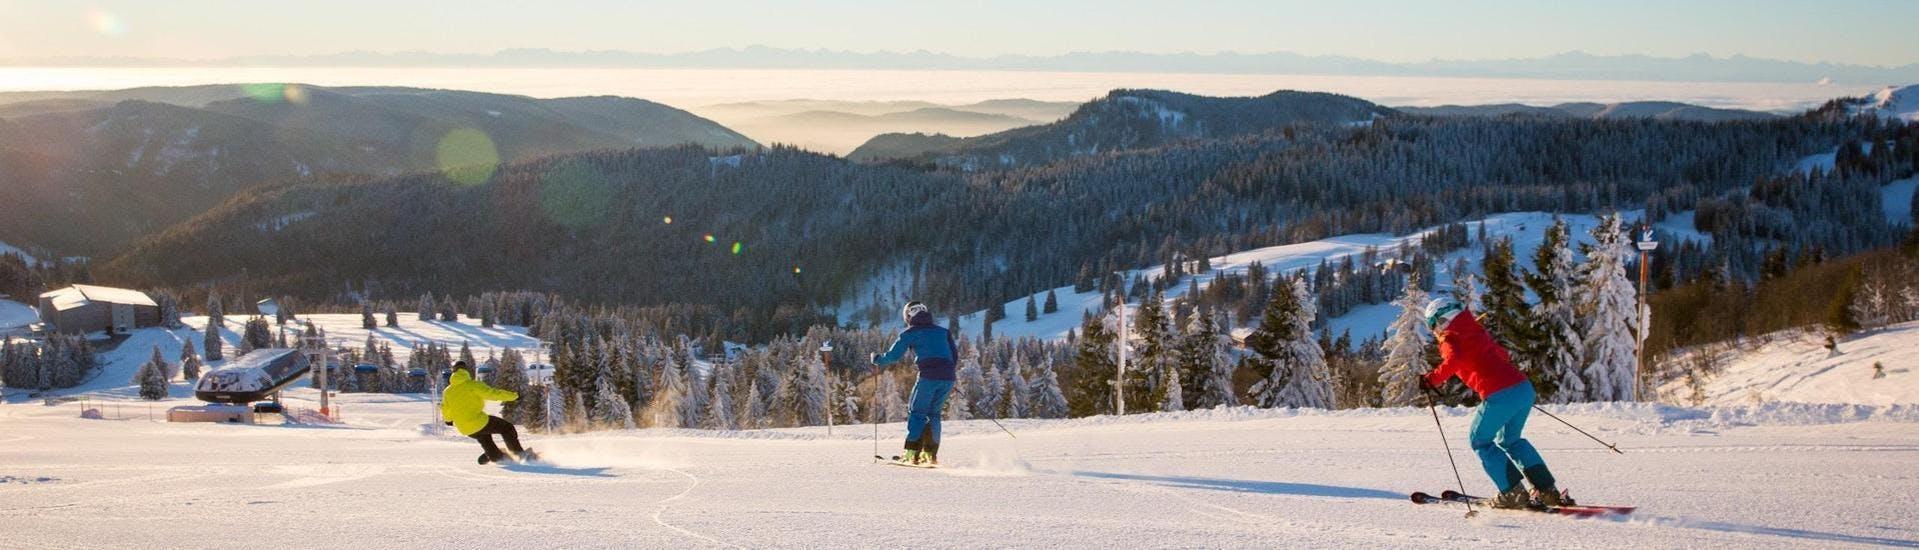 Twee skiërs en een snowboarder genieten van de zonnige witte pistes in Feldberg.